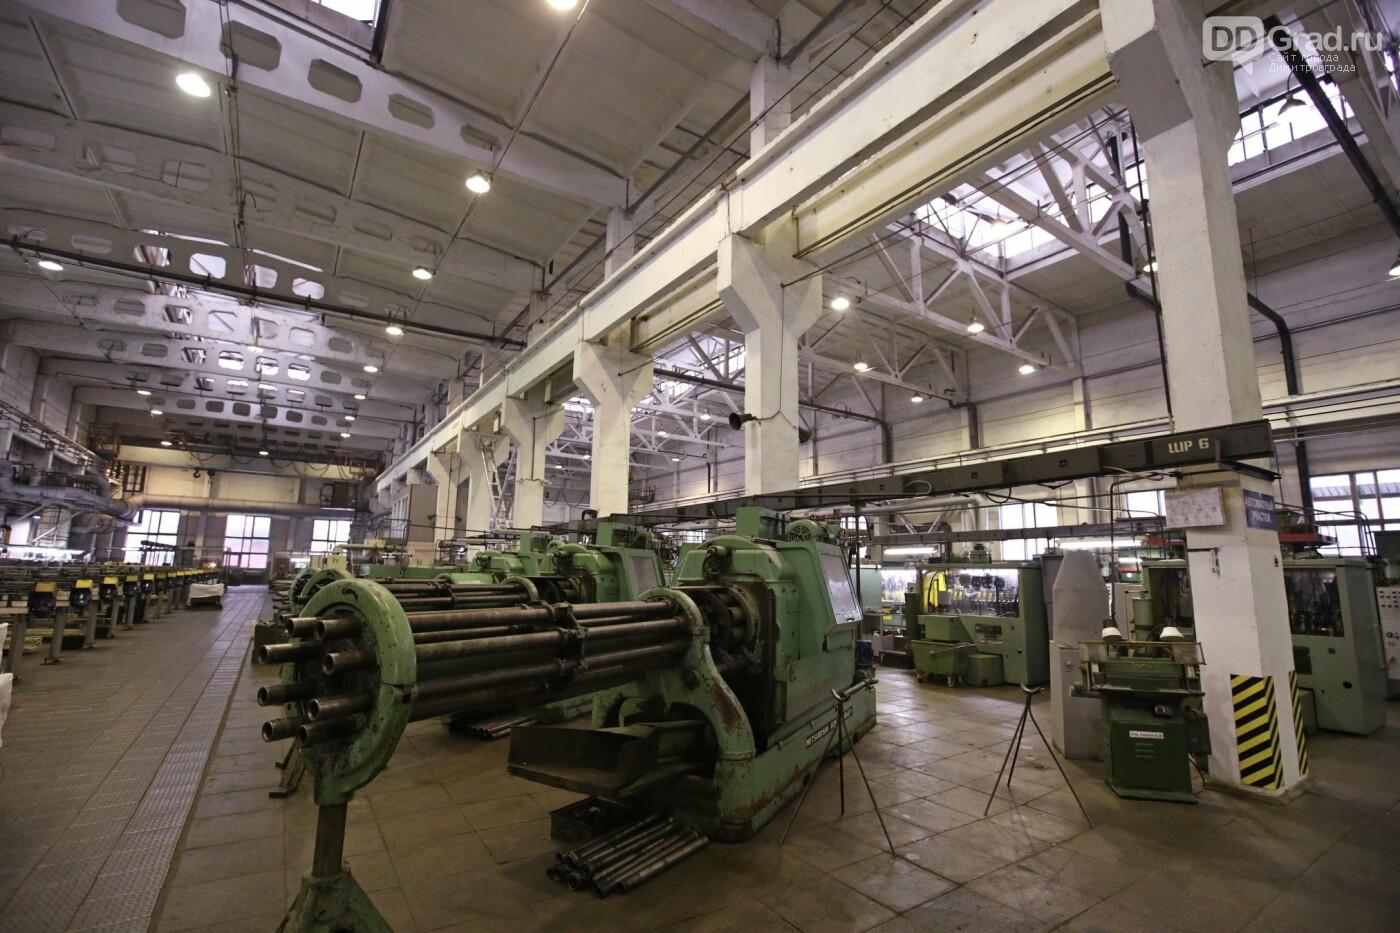 Губернатор Ульяновской области посетил Димитровградский вентильный завод, фото-2